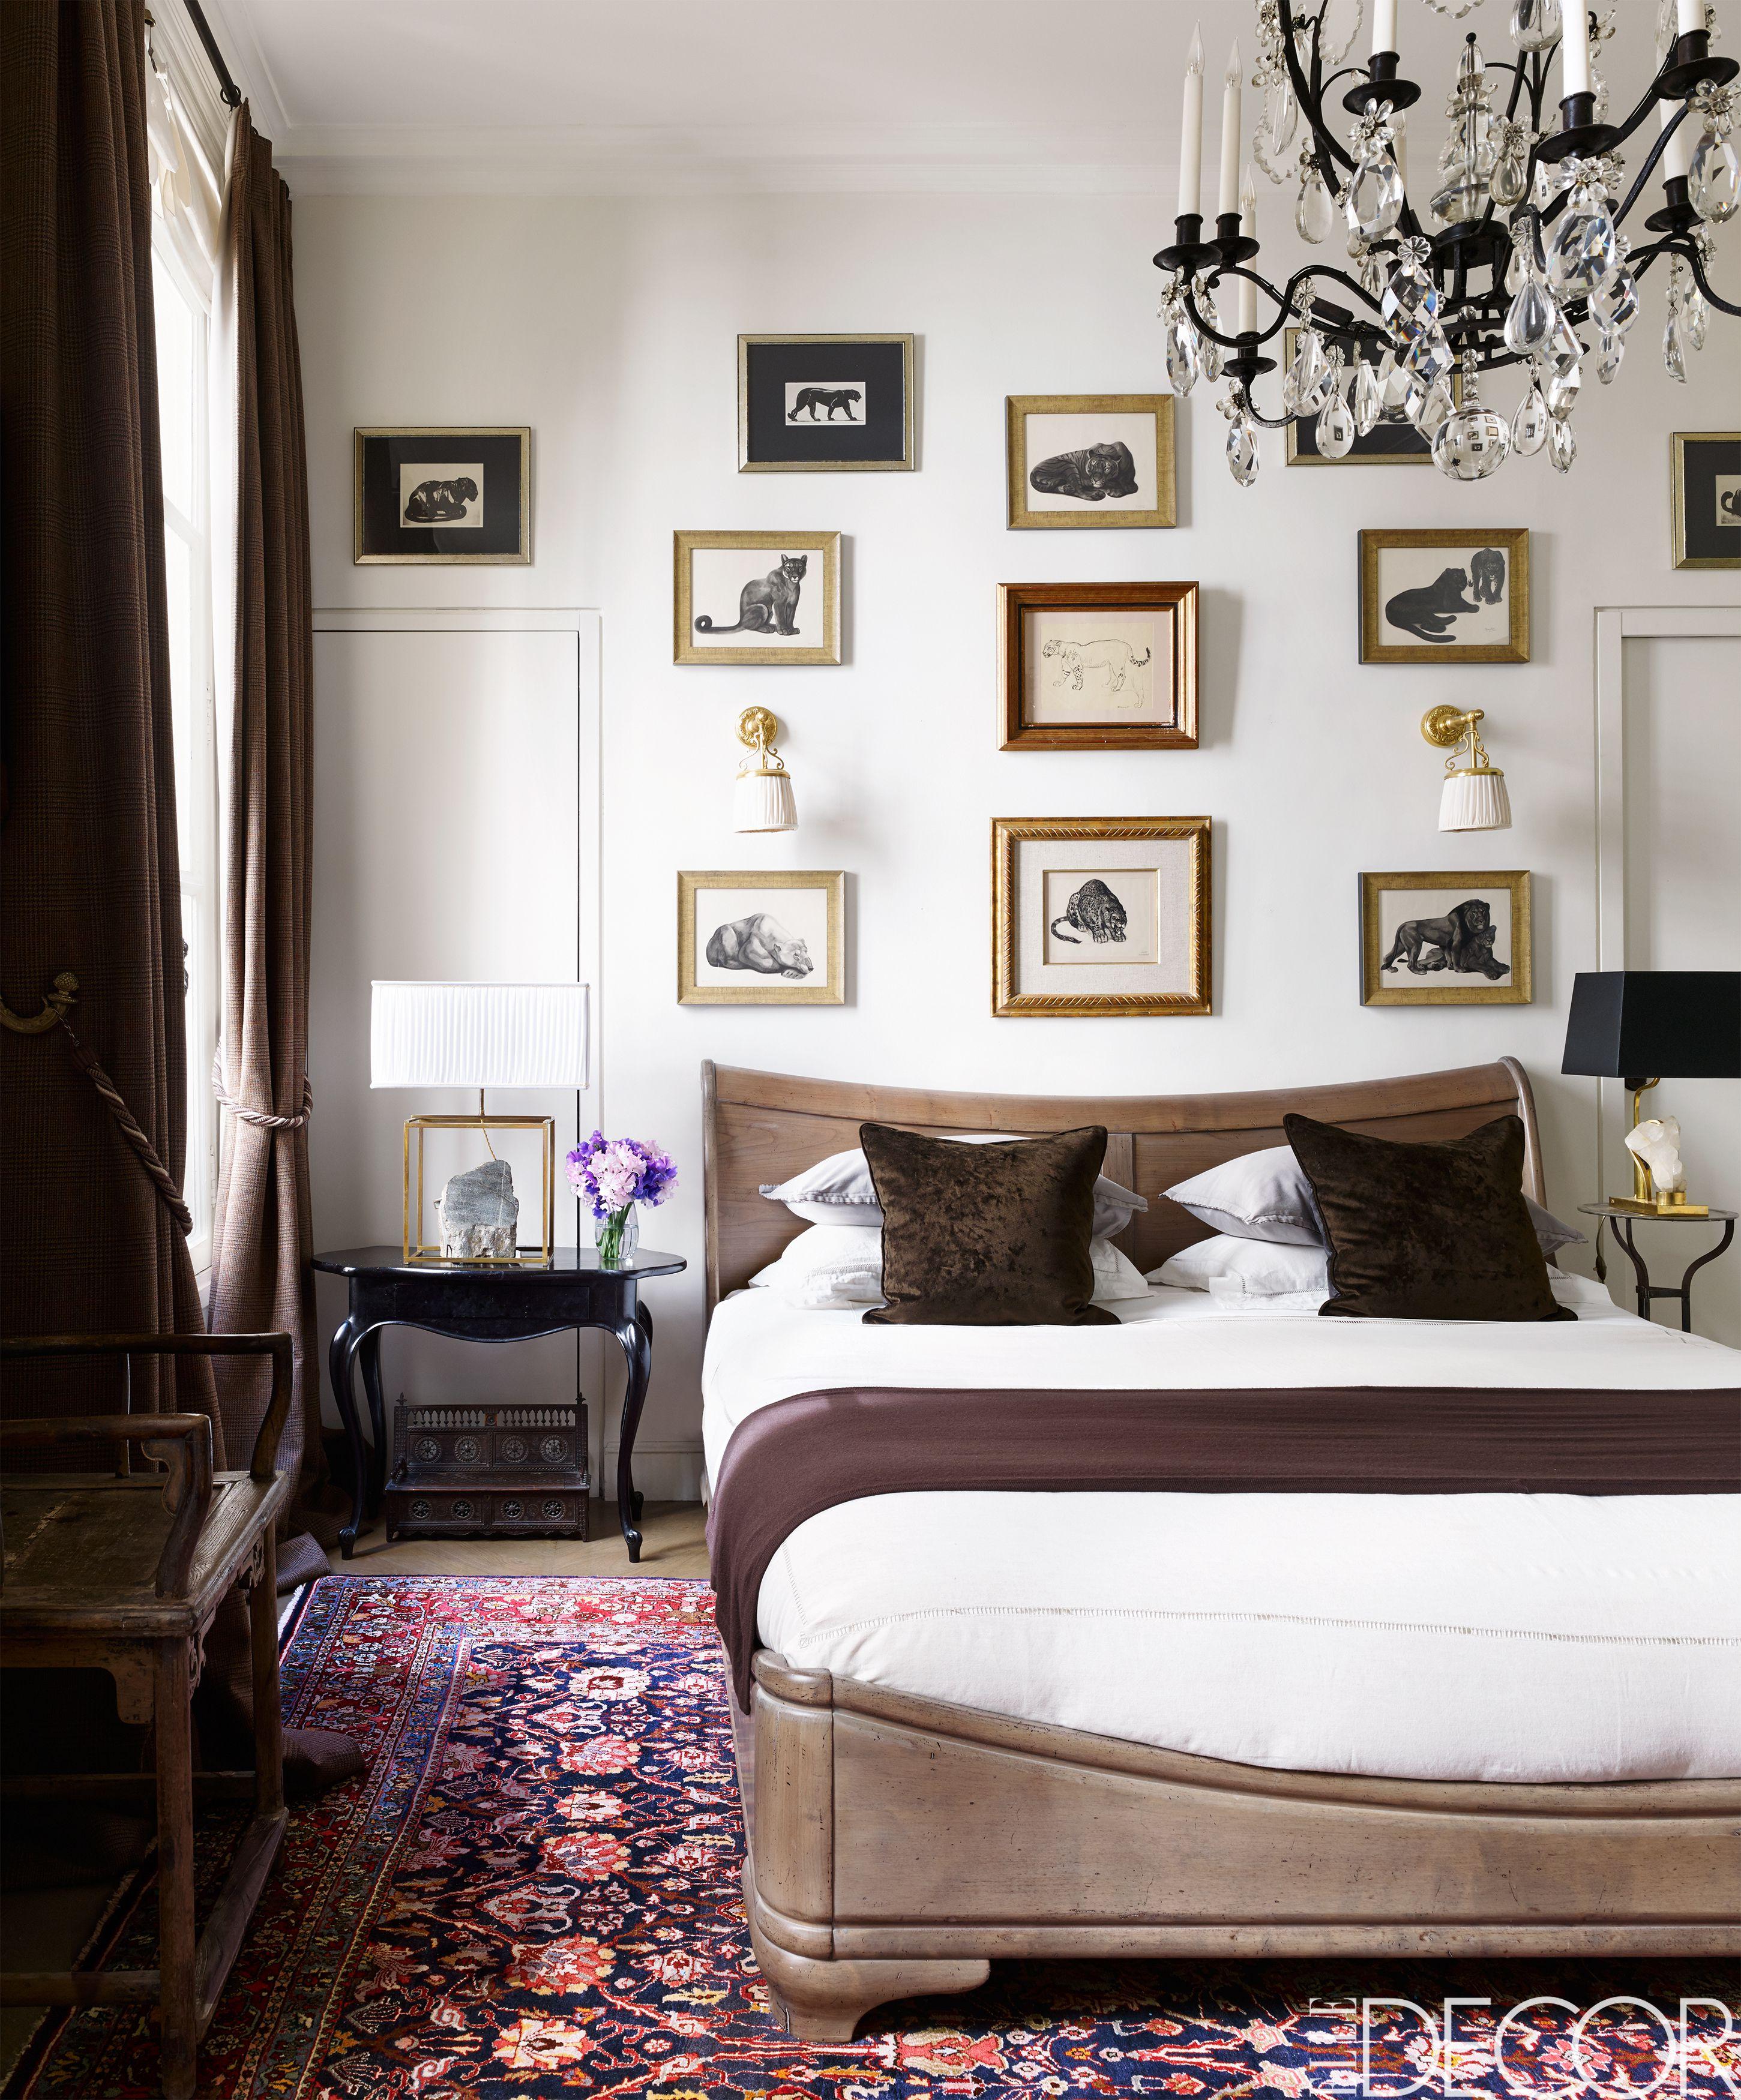 rugs in bedroom 25 best bedroom area rugs - great ideas for bedroom rugs RPEMUOP